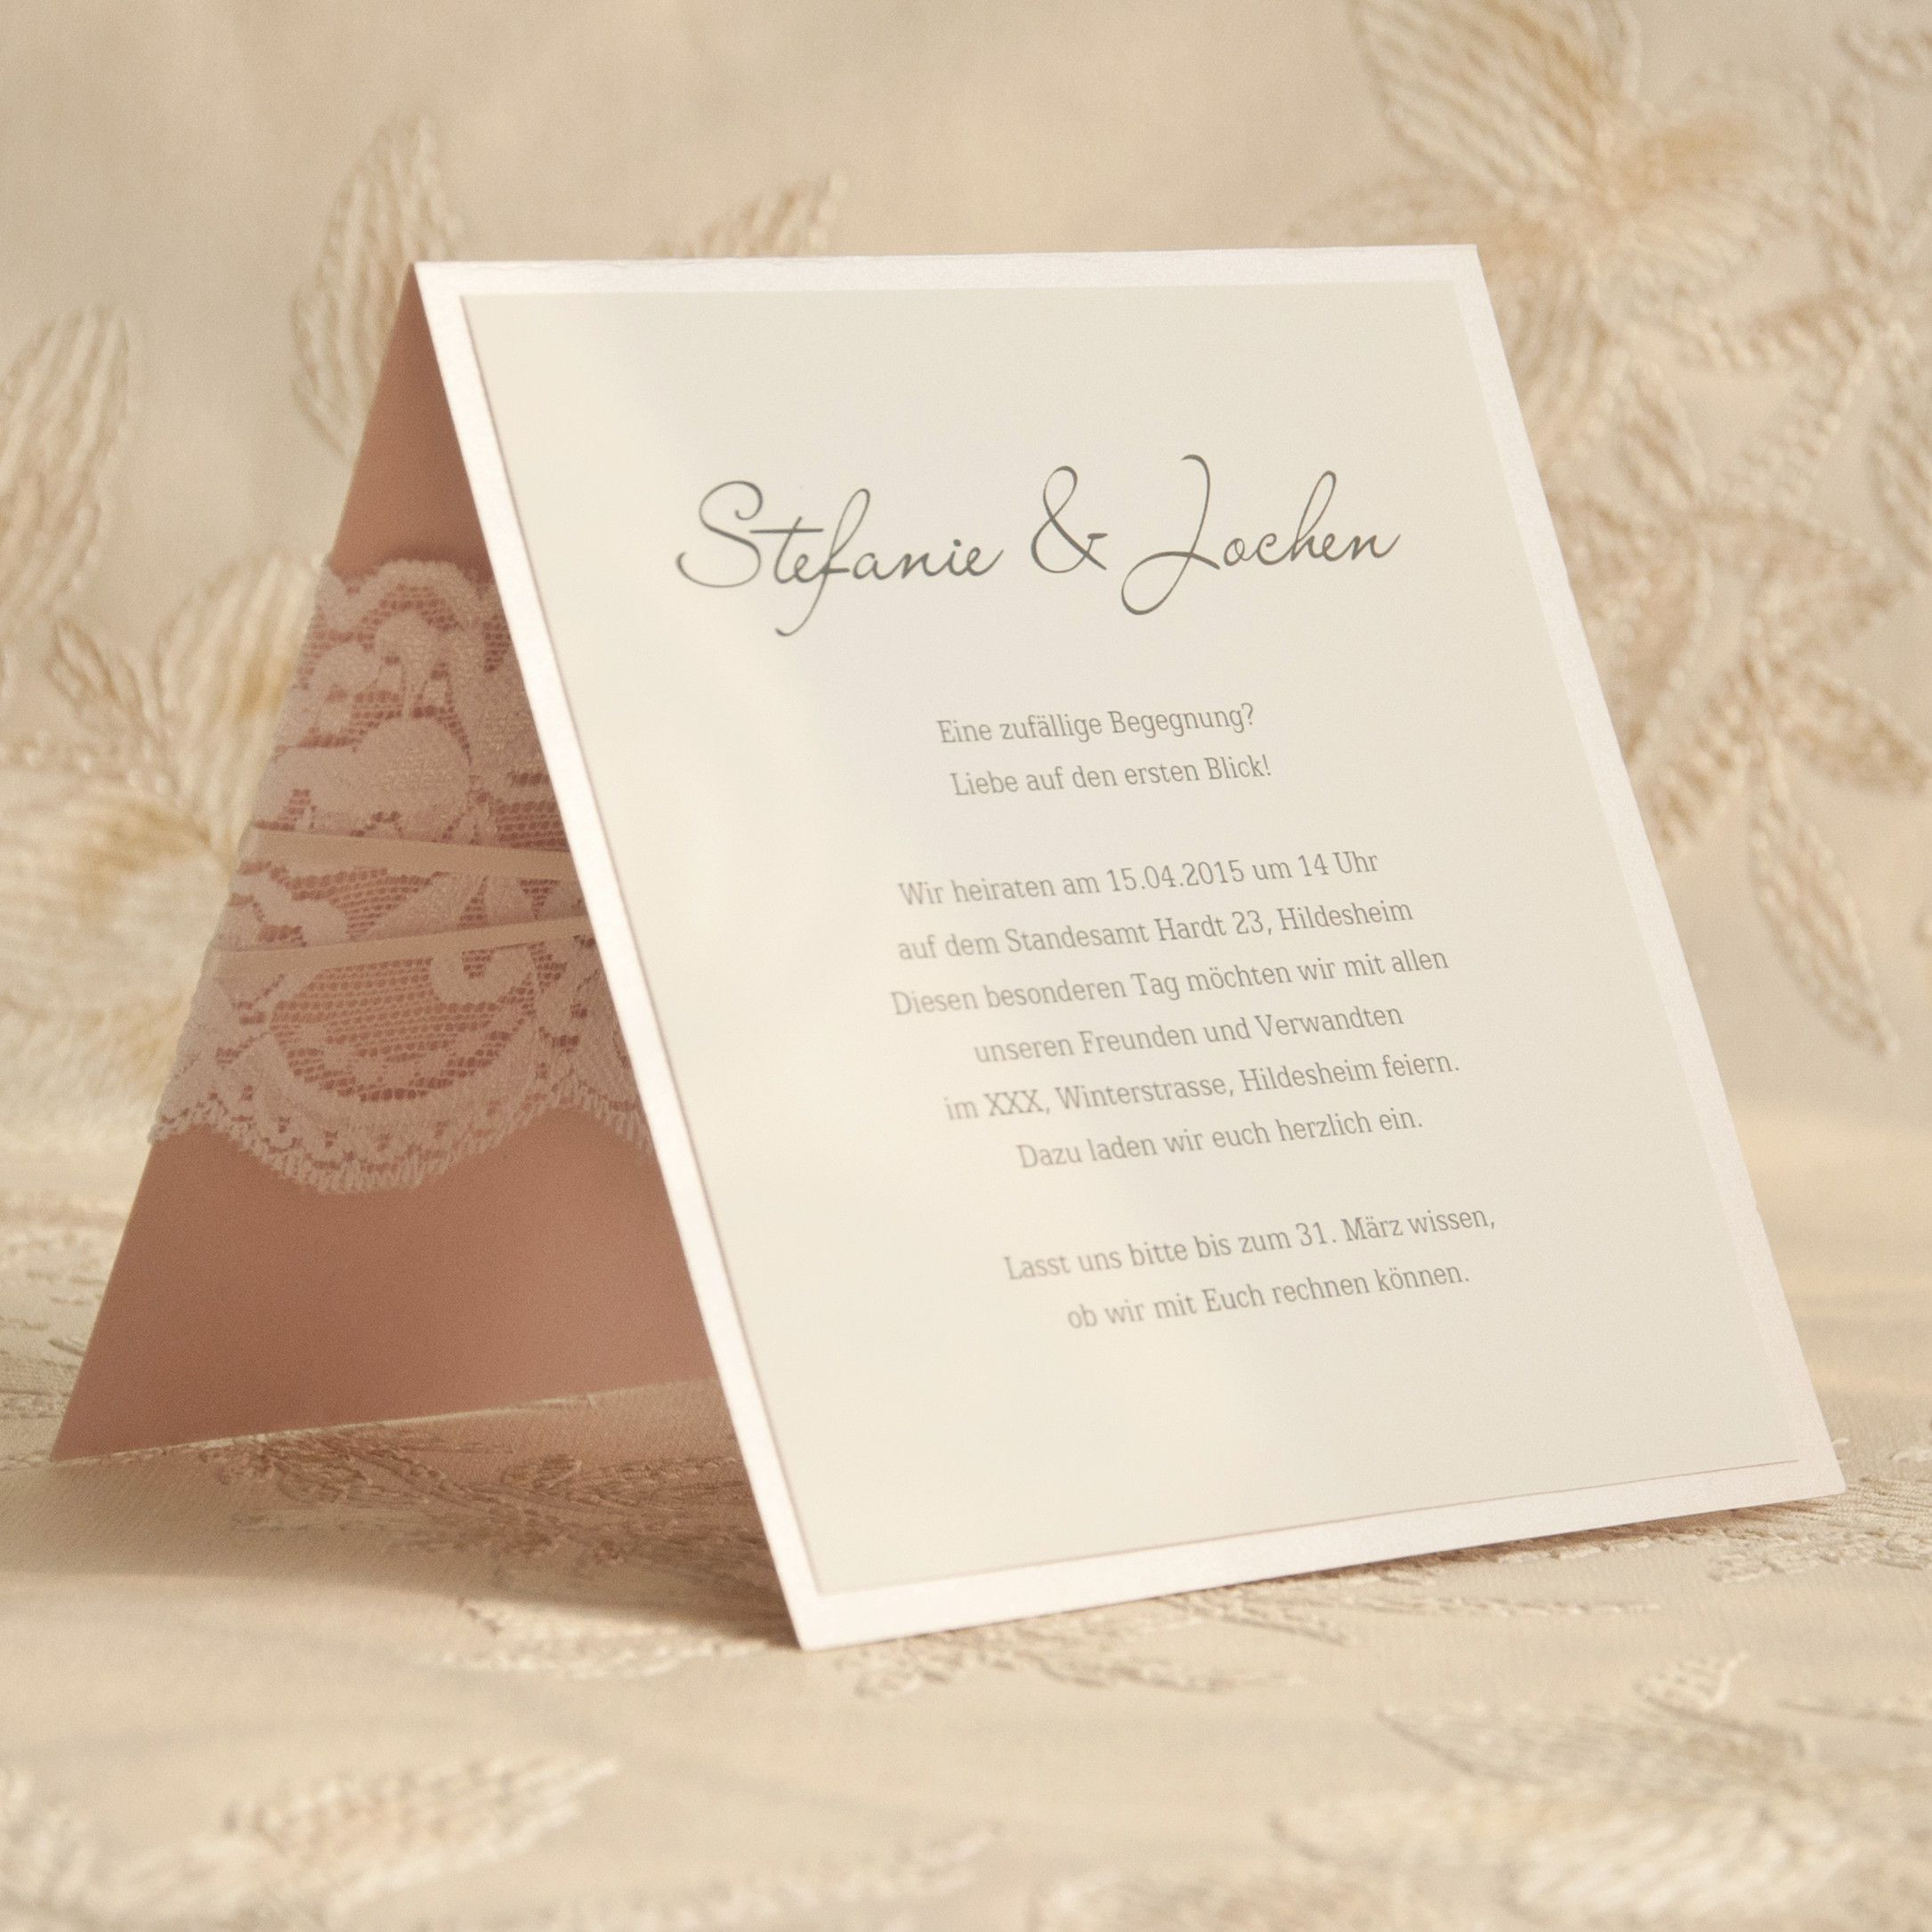 Günstig Hochzeit Feiern  einladungskarten hochzeit gunstig schweiz